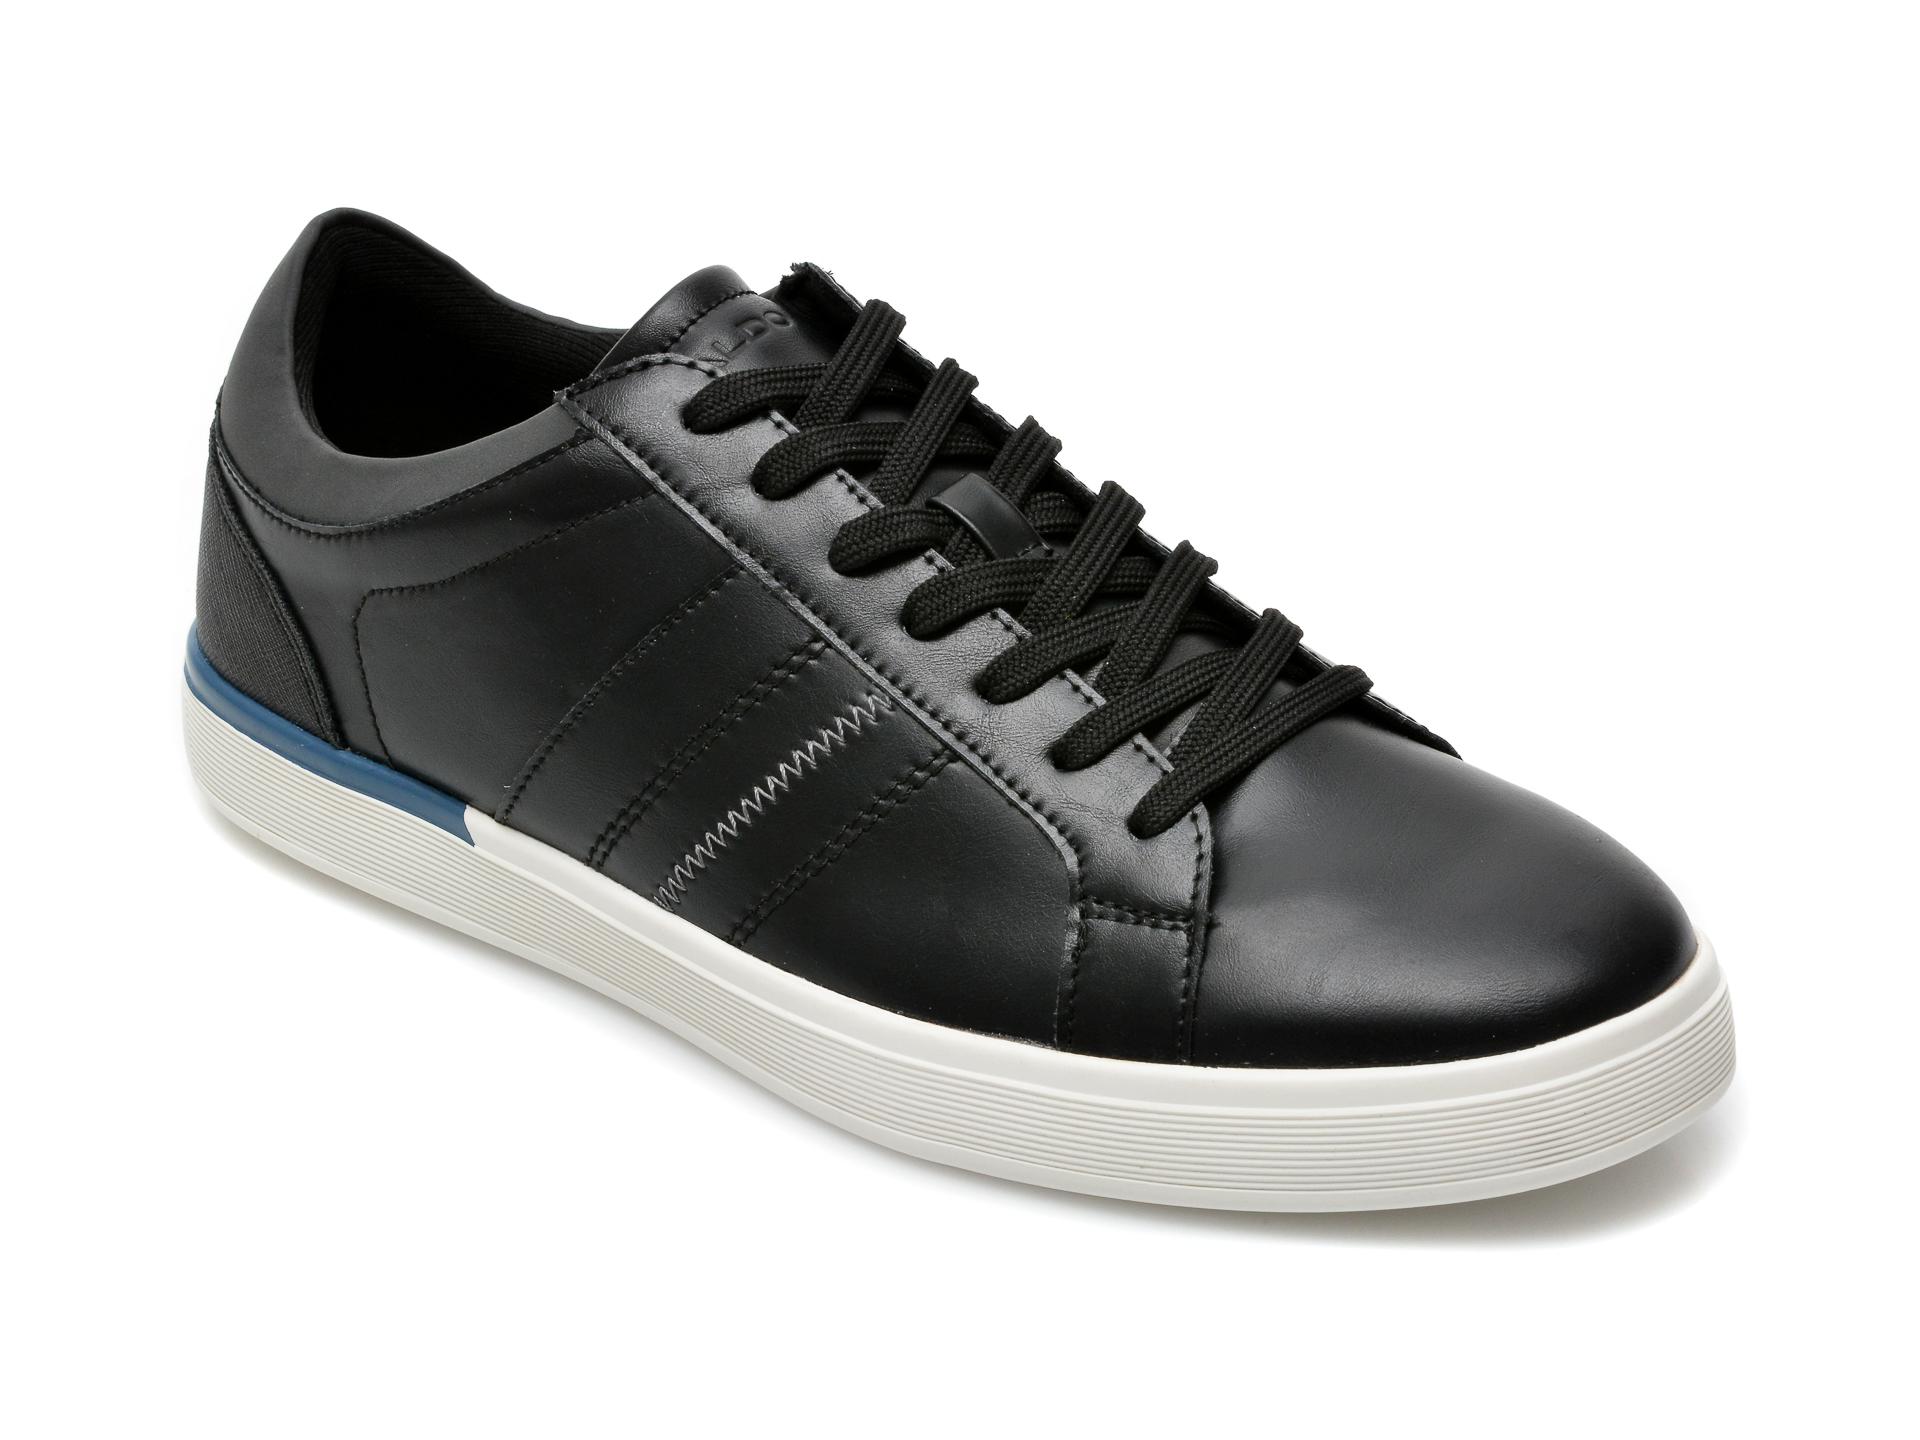 Pantofi Aldo Negri, Tucuman001, Din Piele Ecologica